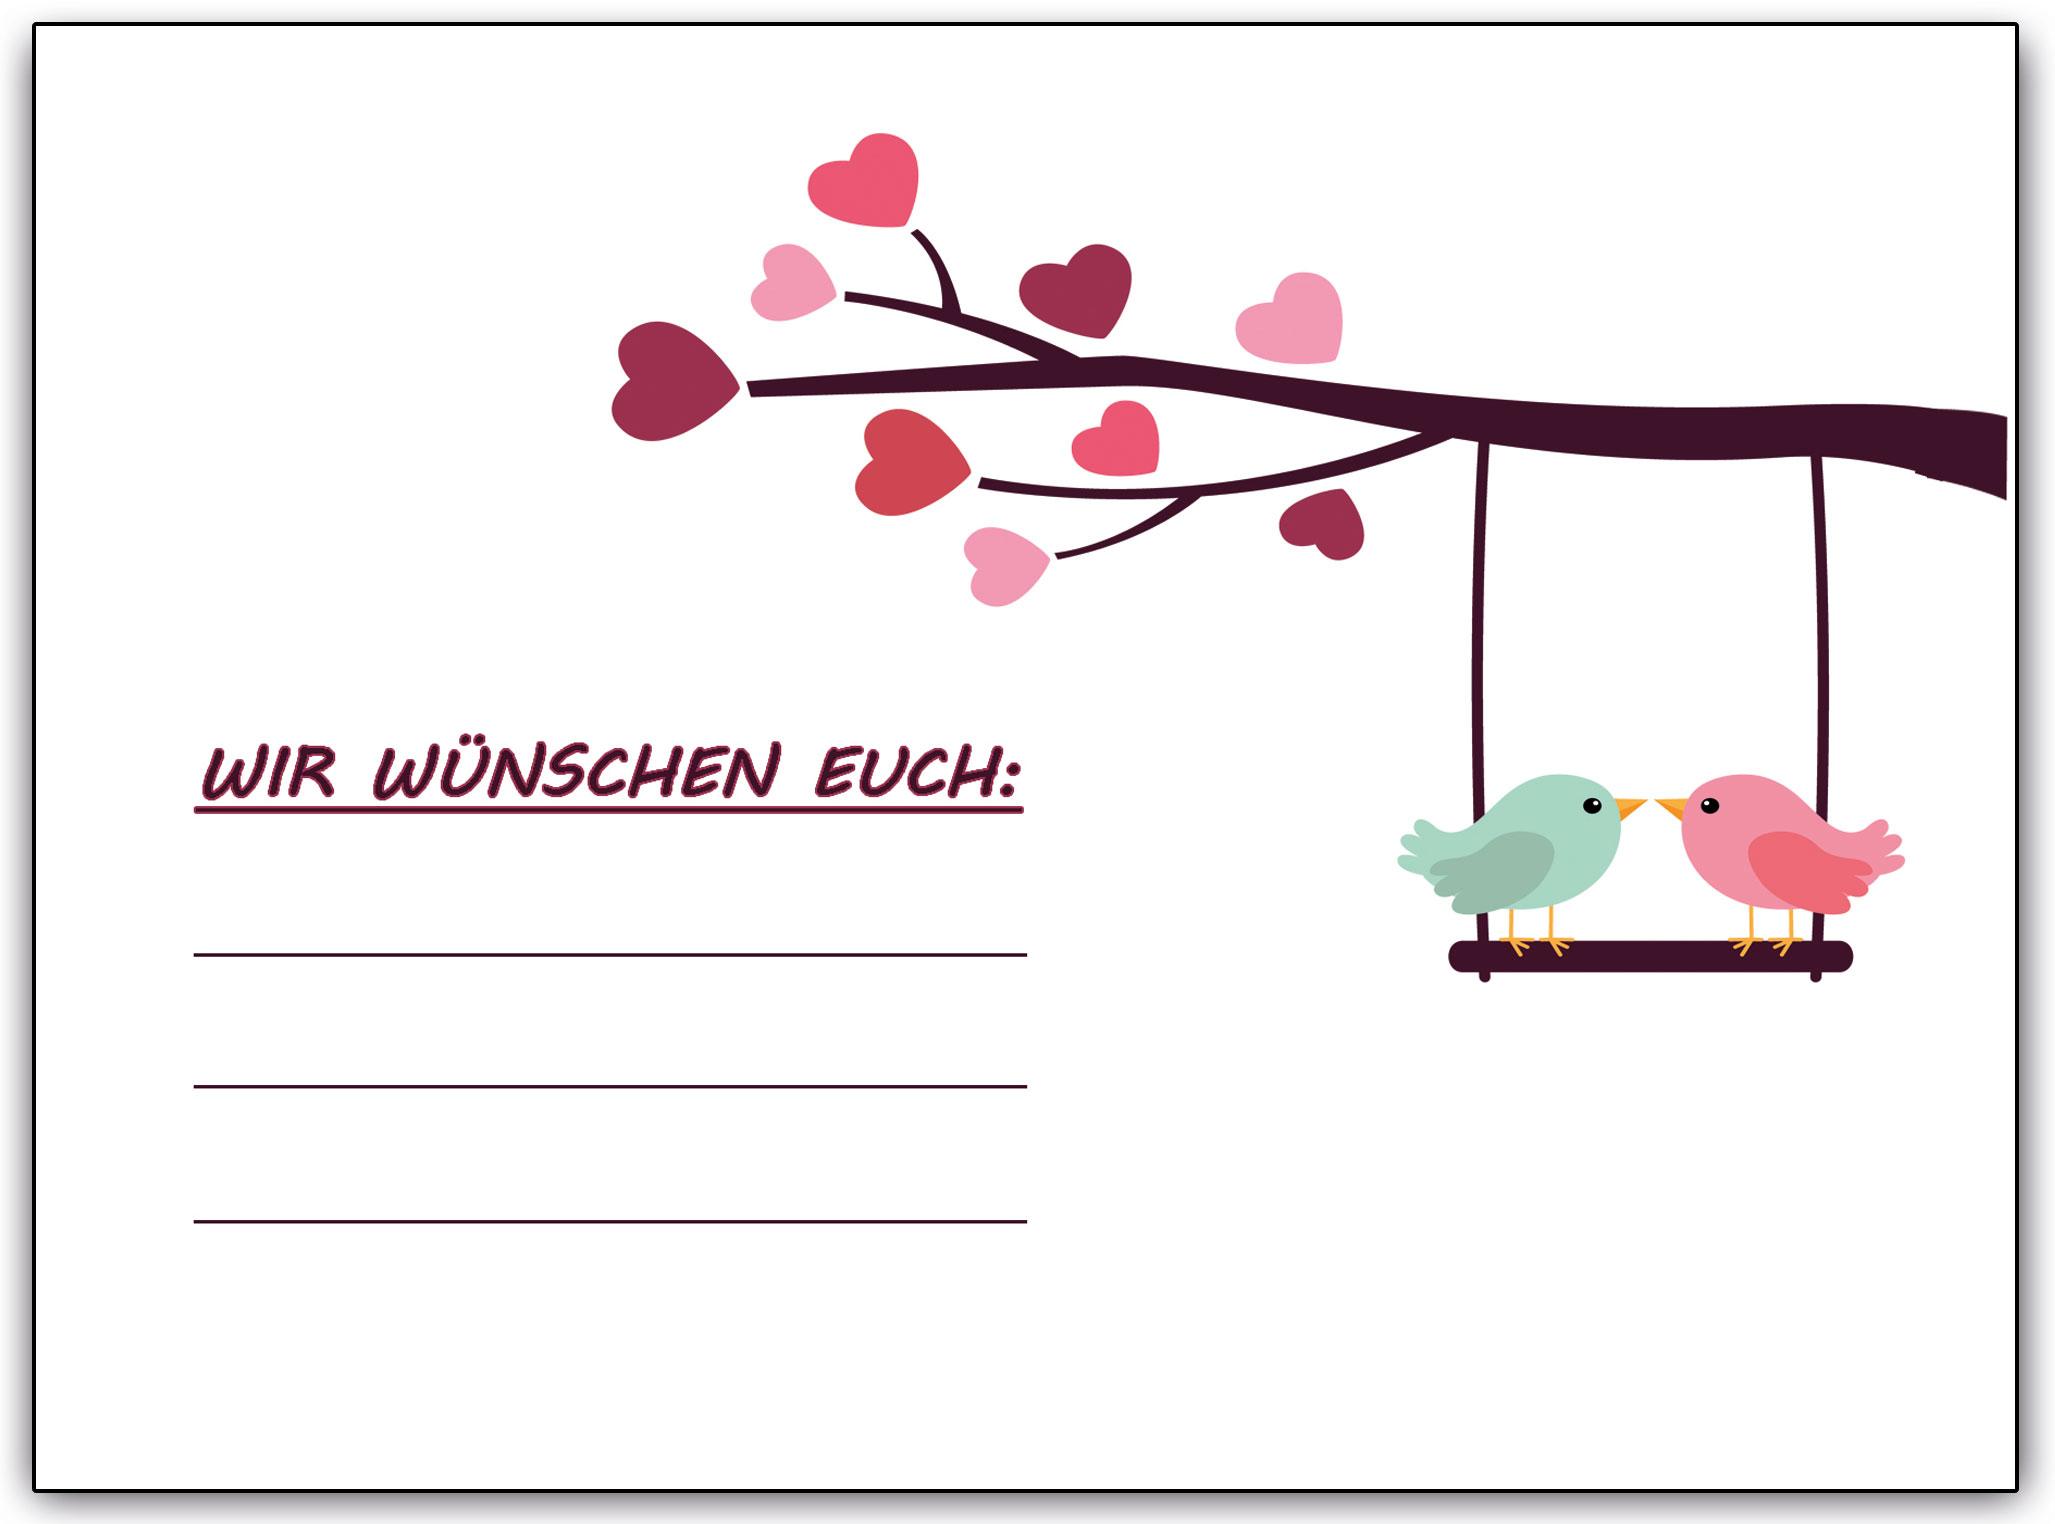 Hochzeitswünsche bayerische Bayerische Hochzeitssprüche